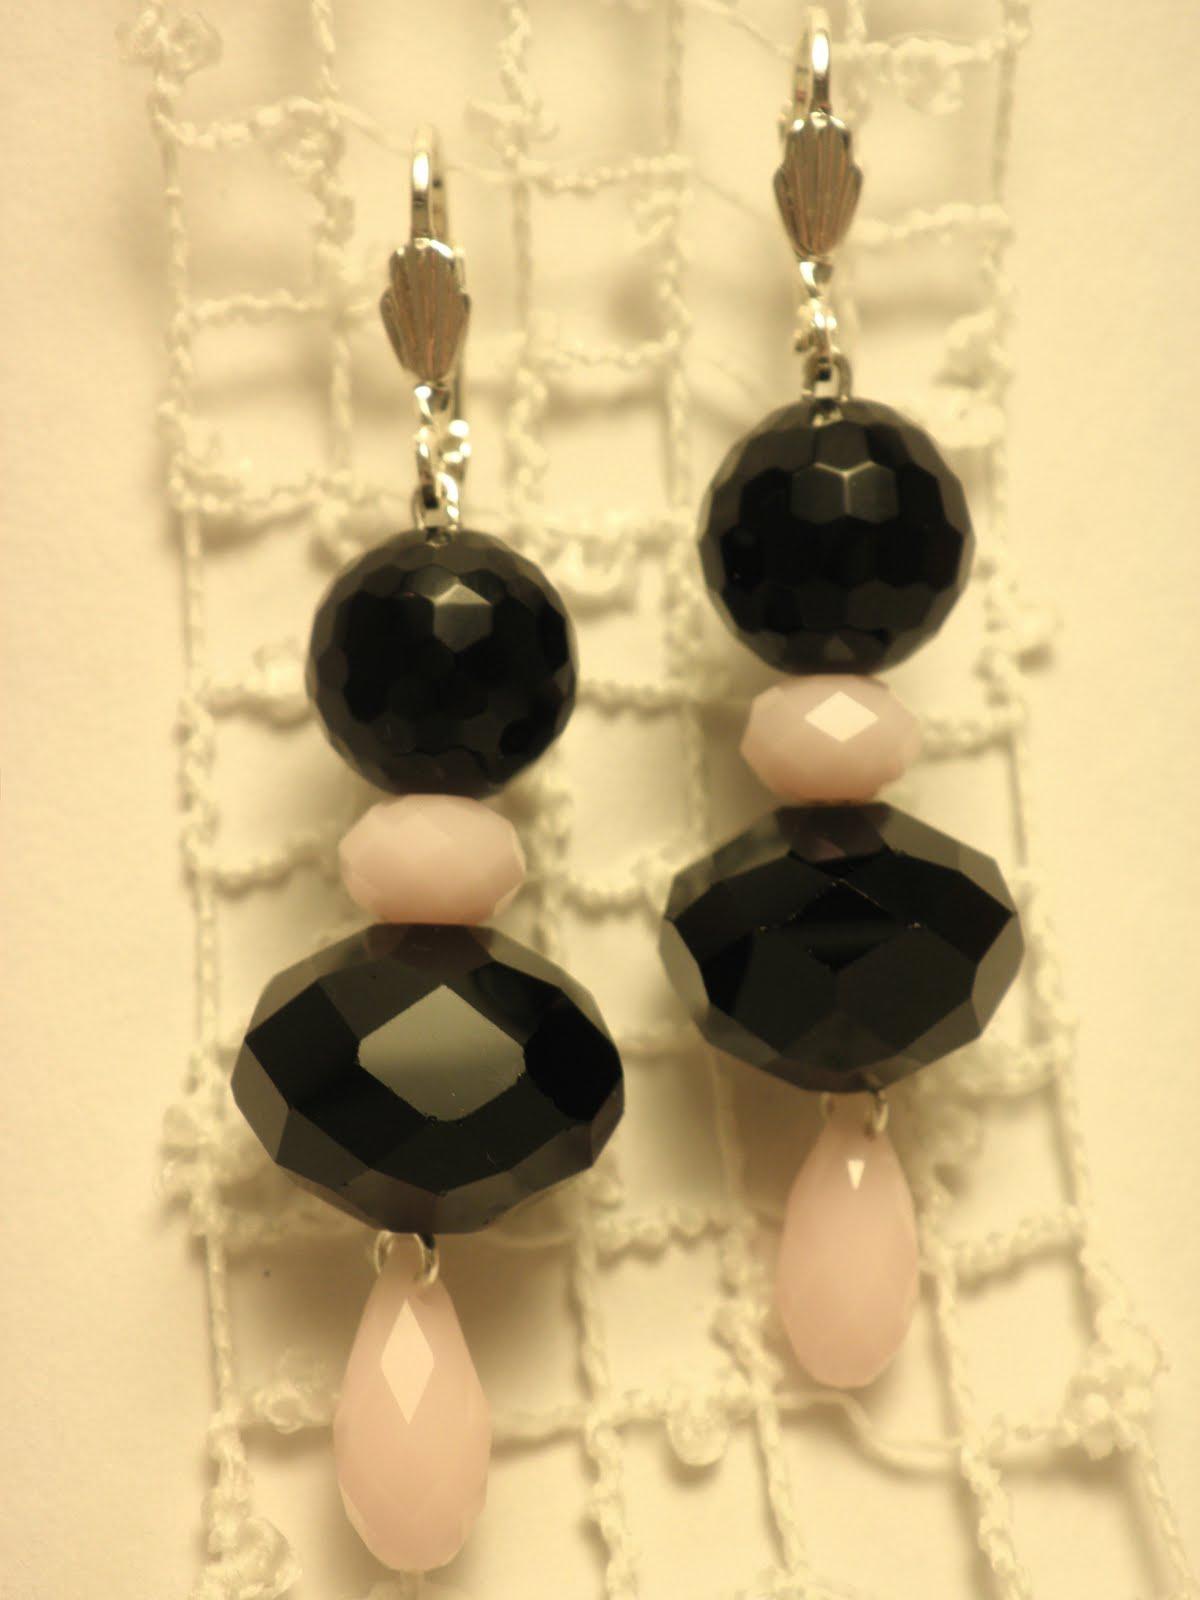 43e57e4e804 Lihvitud musta oonüksiga, mustade suurte kristallidega ja piimjas-roosade Swarovski  kristallidega kõrvarõngad - kasutatud on nn malelaua-lihviga musta ...